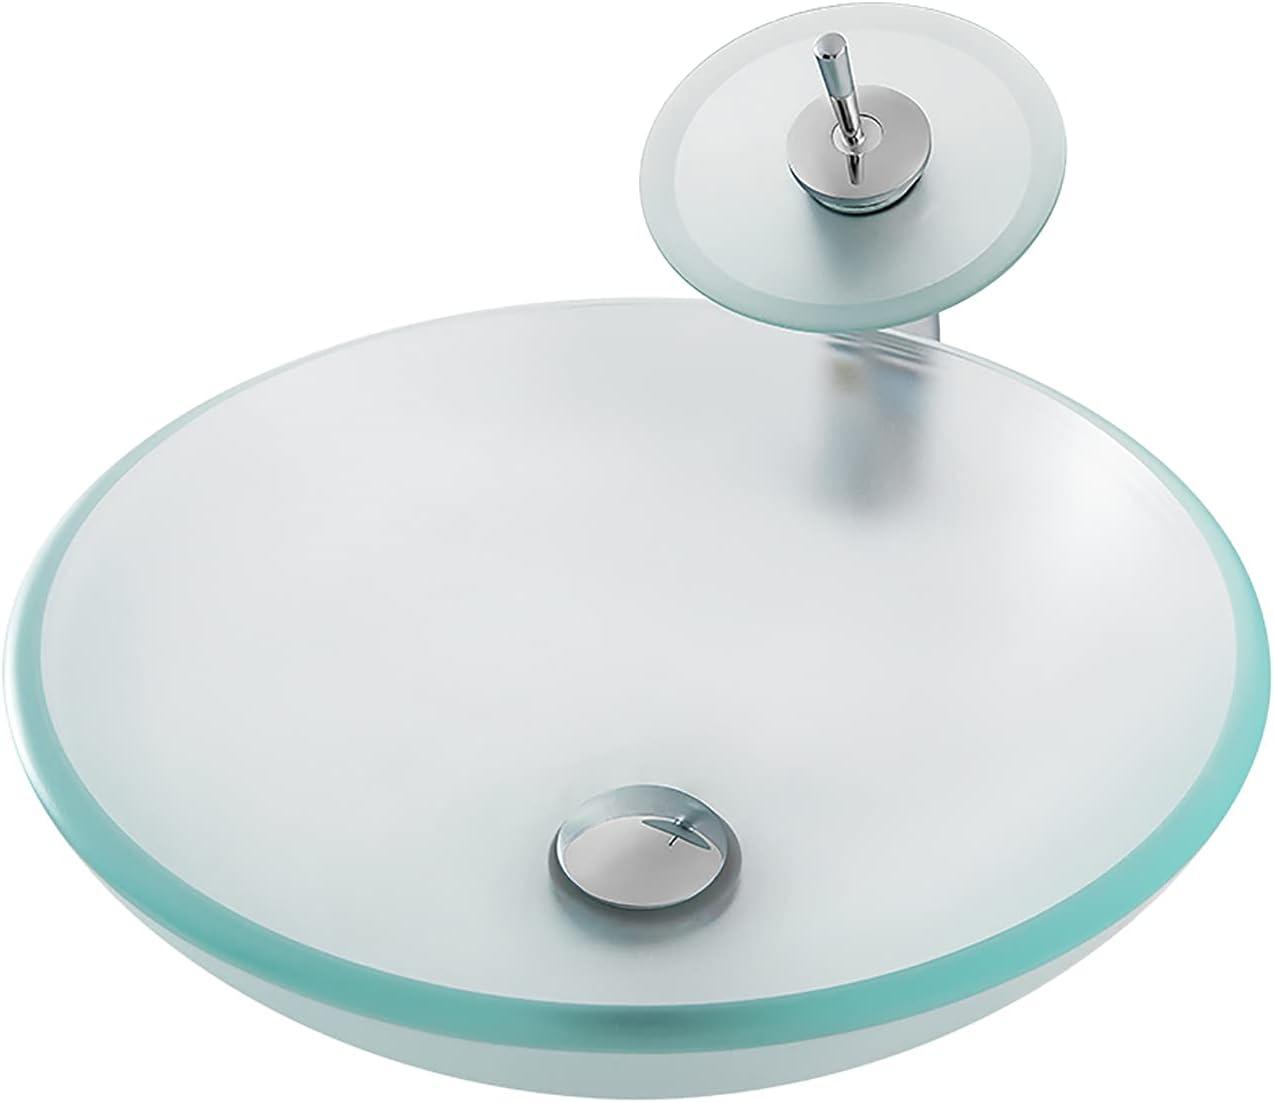 WXDL Lavabo sobre Encimera, Lavabo Cristal Templado Lavamanos de Baño con Grifo de Cascada y Desagüe Emergente Vidrio Templado Lavabo, Vidrio Transparente Esmerilado,Round